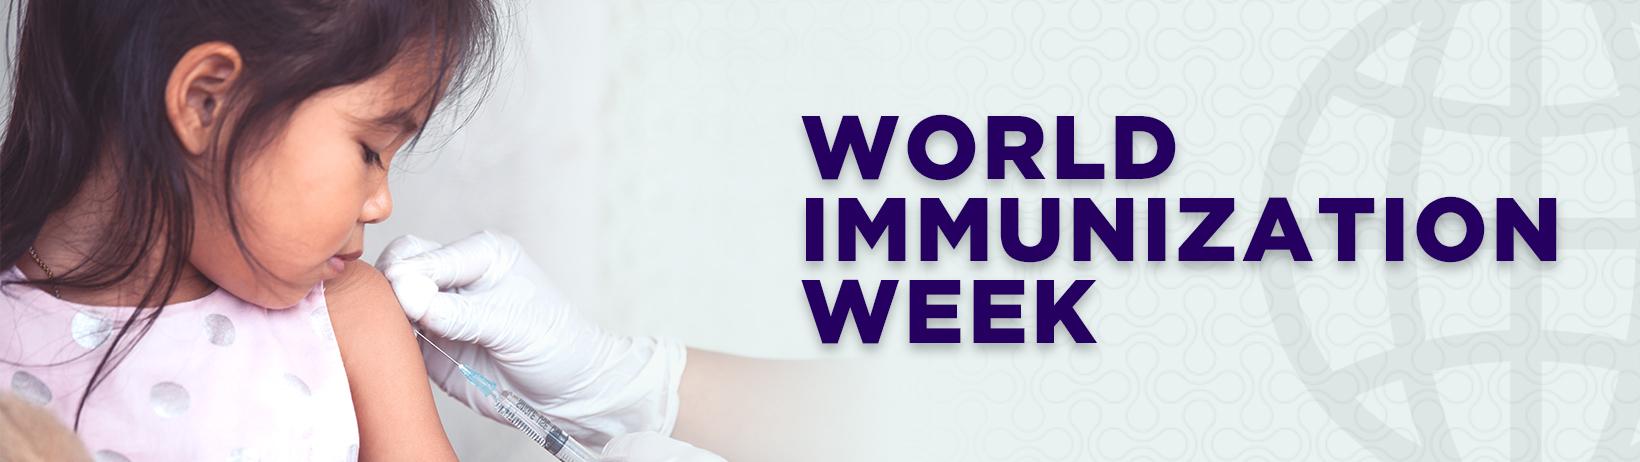 Galen-Immunization-1640x462-210408 (1)